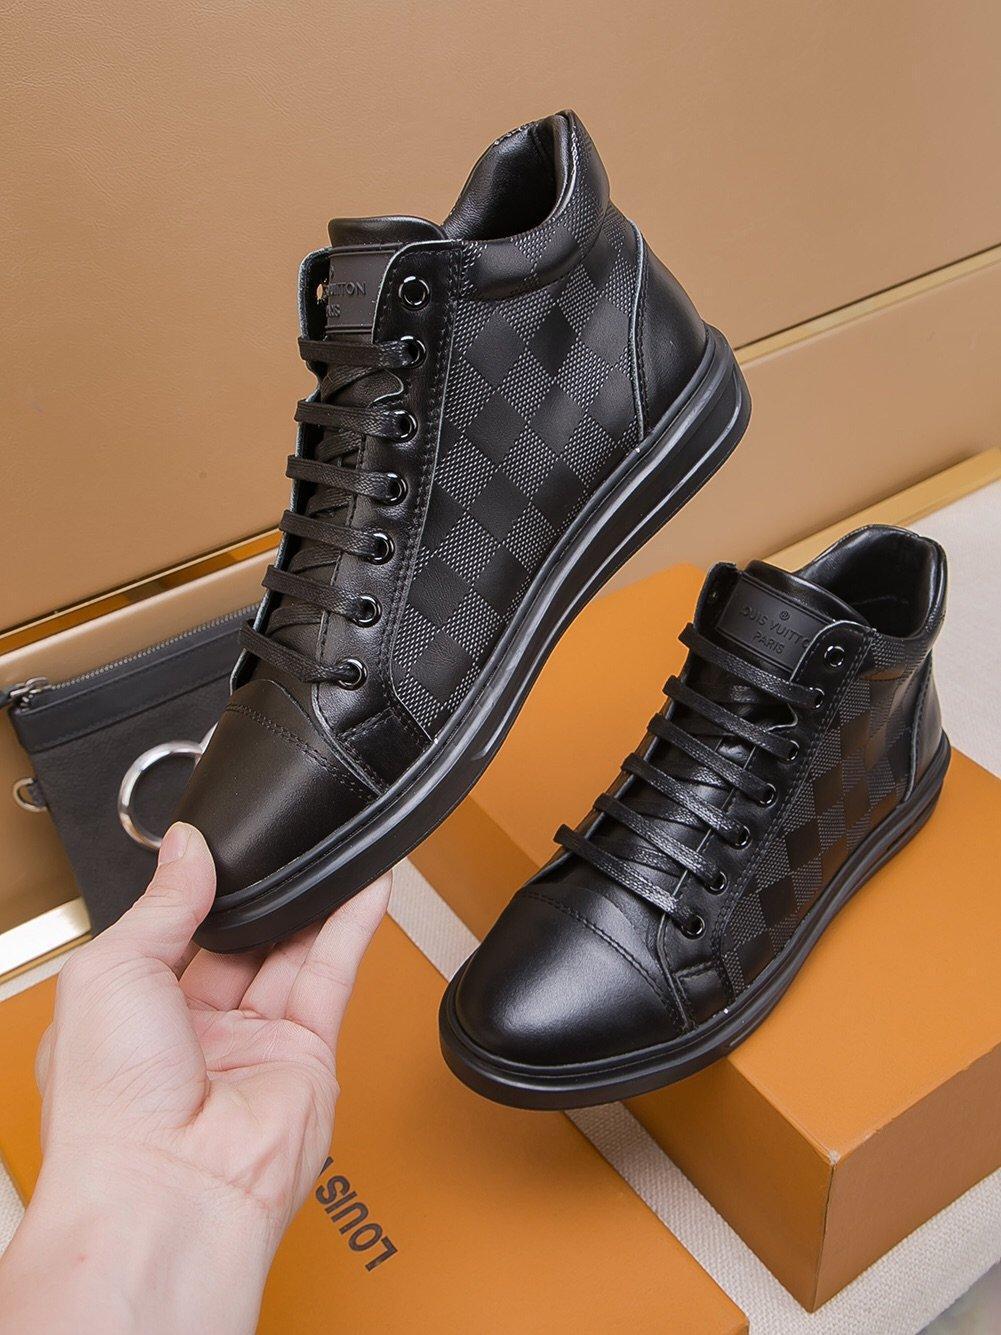 calza los zapatos ocasionales de los hombres, zapatillas de deporte de alto arriba de cordones planos de lujo 2019 A3 de alta calidad de la moda caja de embalaje original Zapatos Hombre